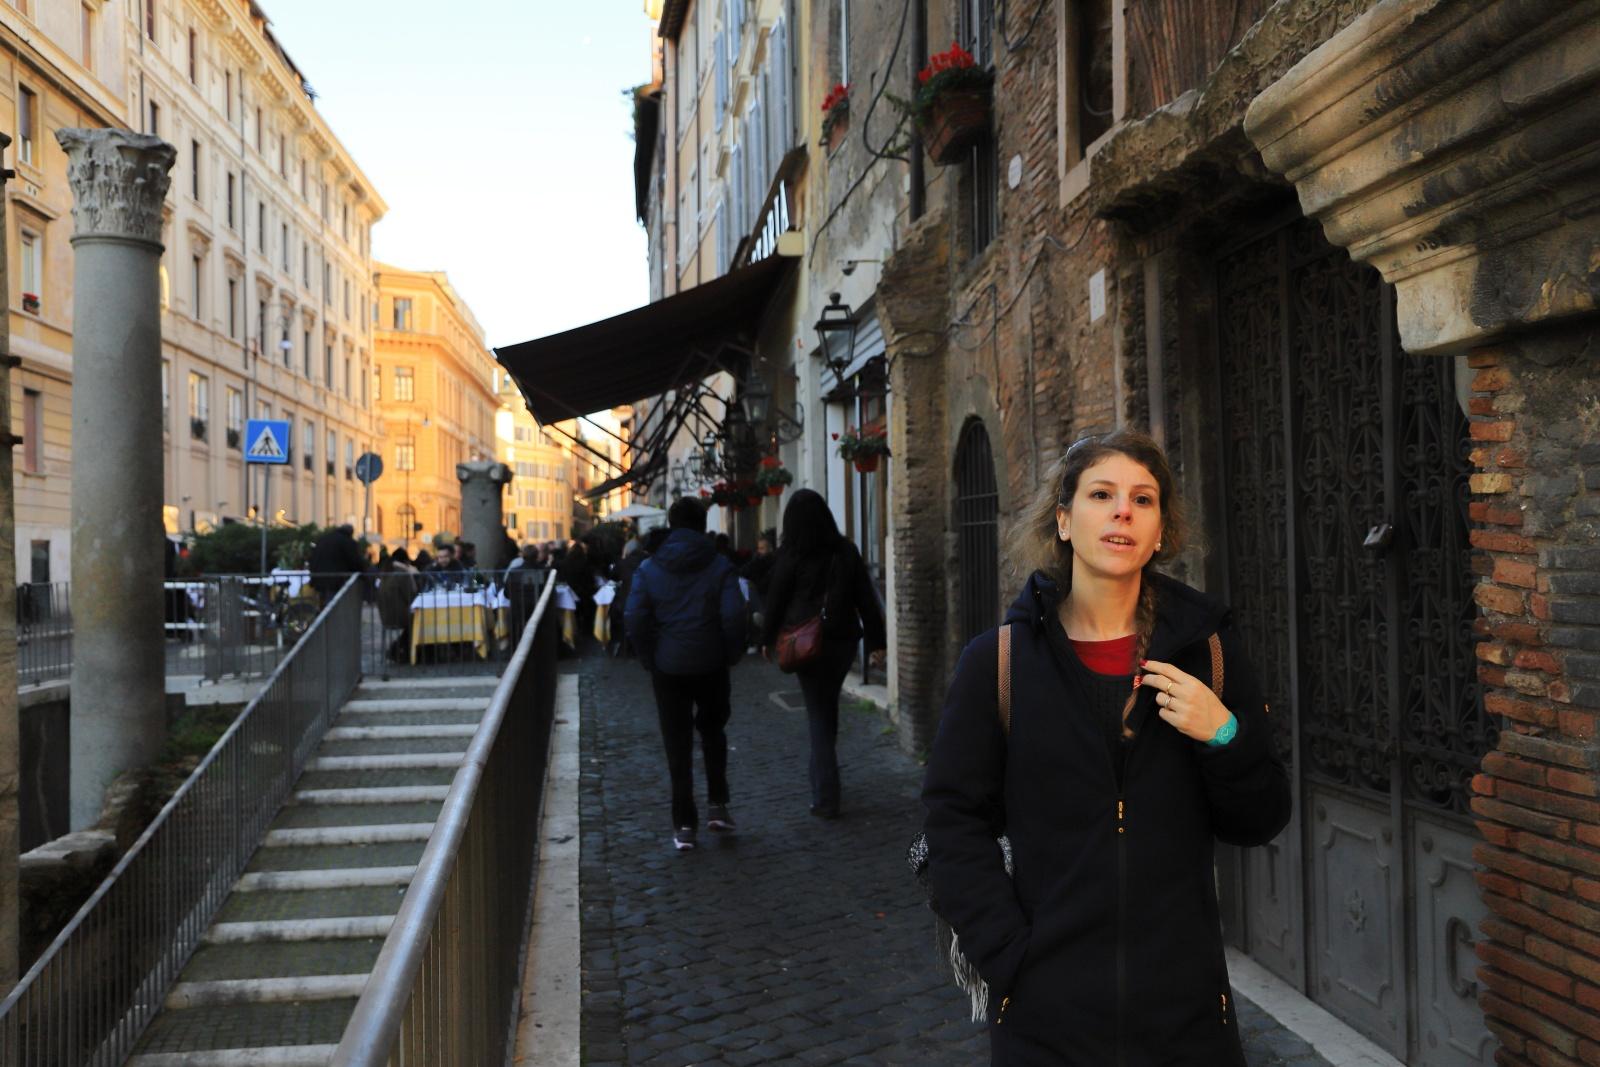 """Passante - Ritratto di una ragazza in giro nell'antico ghetto ebraico di roma. """"Se qualcuno si sentisse infastidito dalla presenza della propria immagine nel mio Reportage puo scrivere a paolocoppola84@gmail.com e provvedero' quanto prima a rimuoverla."""""""